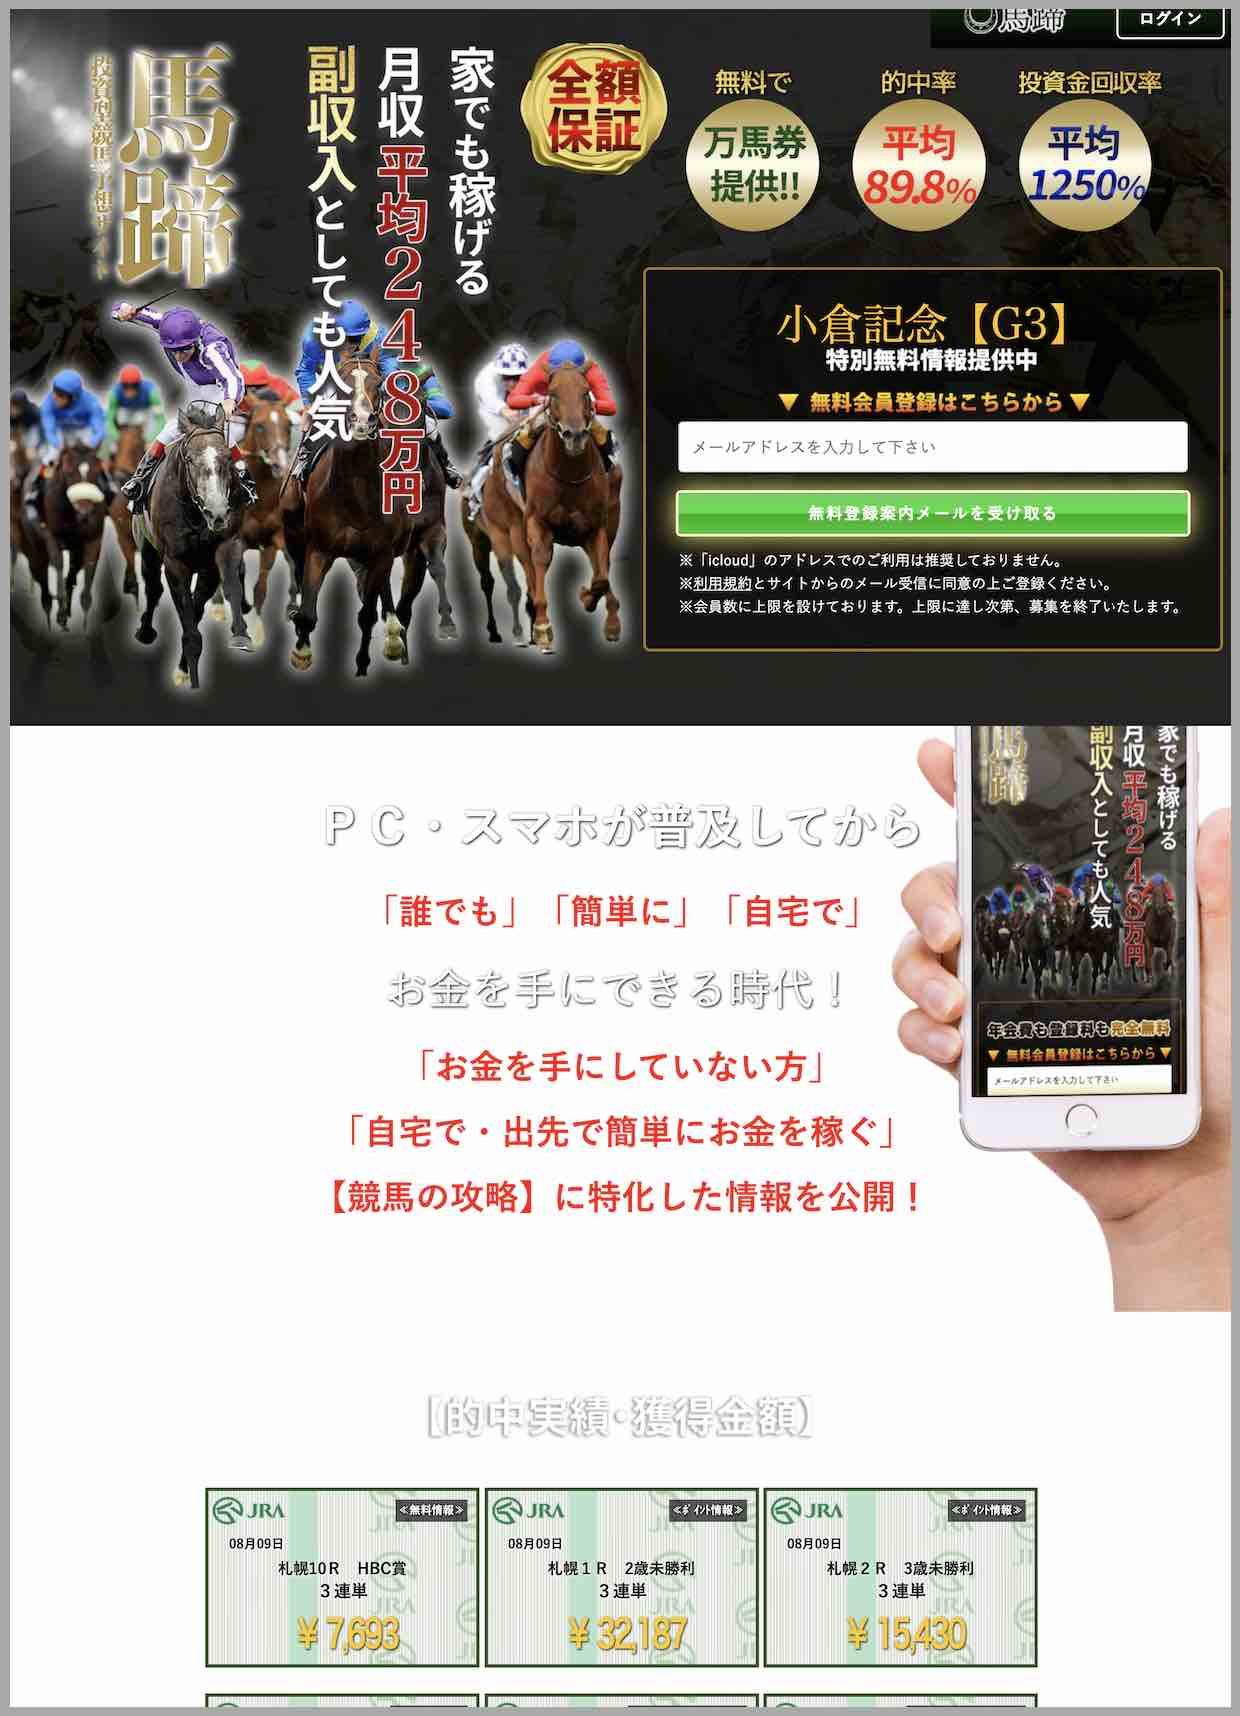 馬蹄という競馬予想サイトの非会員TOPページ